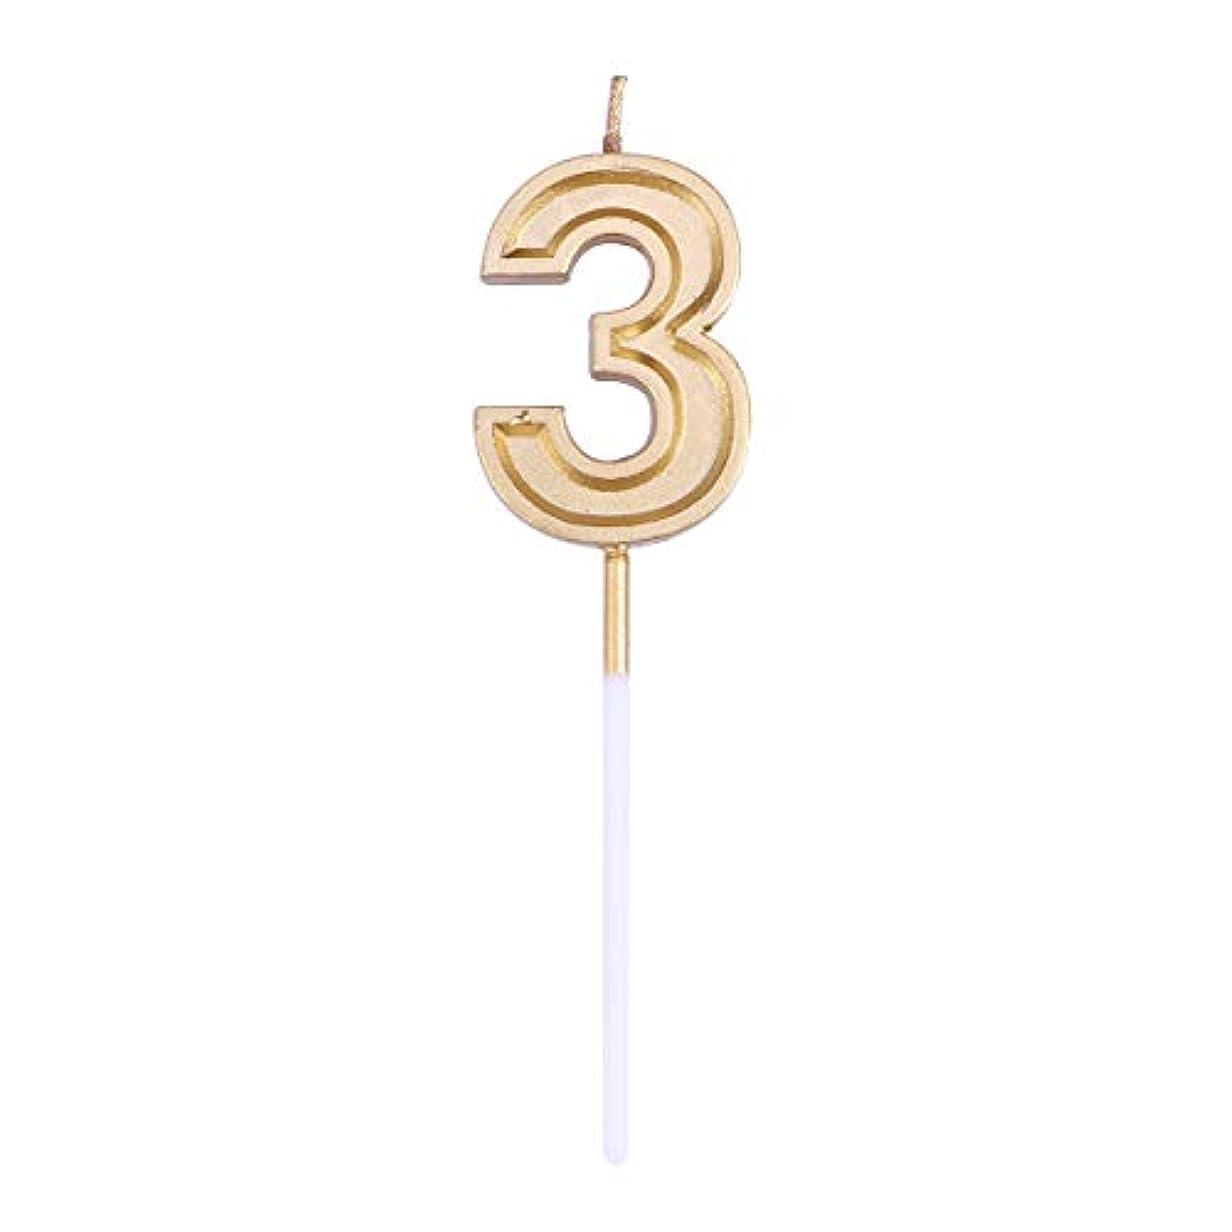 動員するその間後継Toyvian ゴールドラメ誕生日おめでとう数字キャンドル番号キャンドルケーキトッパー装飾用大人キッズパーティー(番号3)